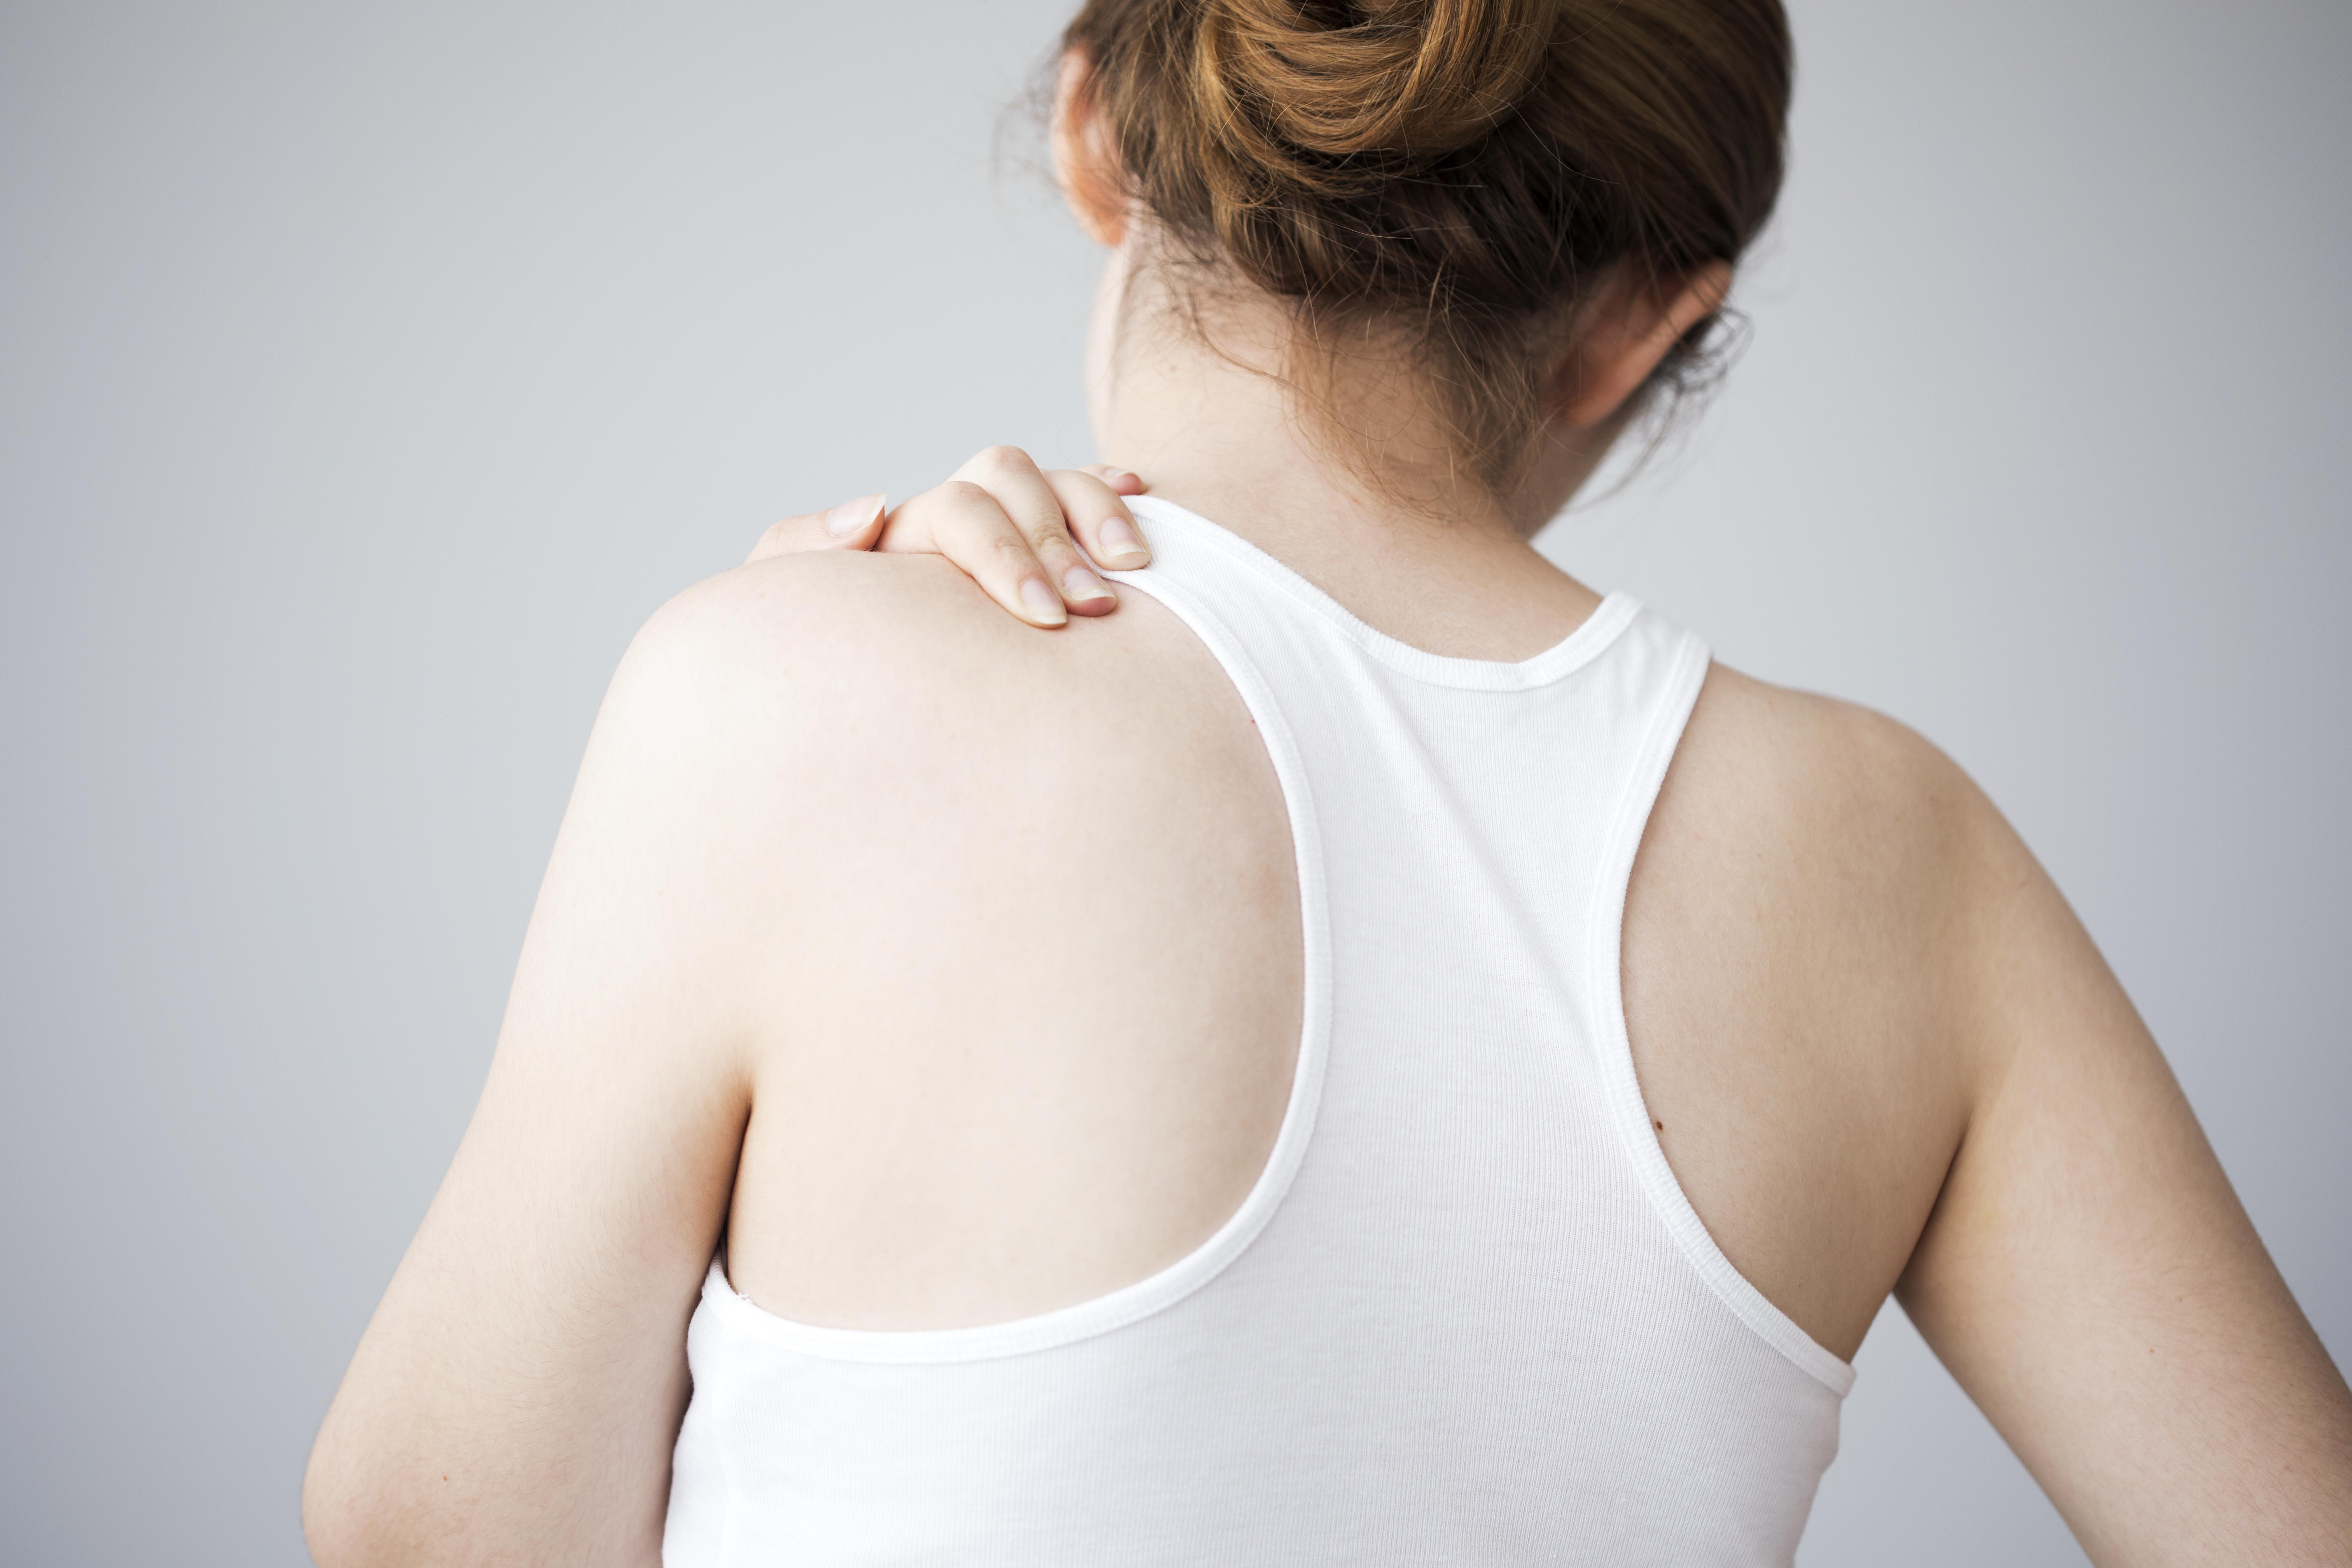 が 生理 前 痛い 脇の下